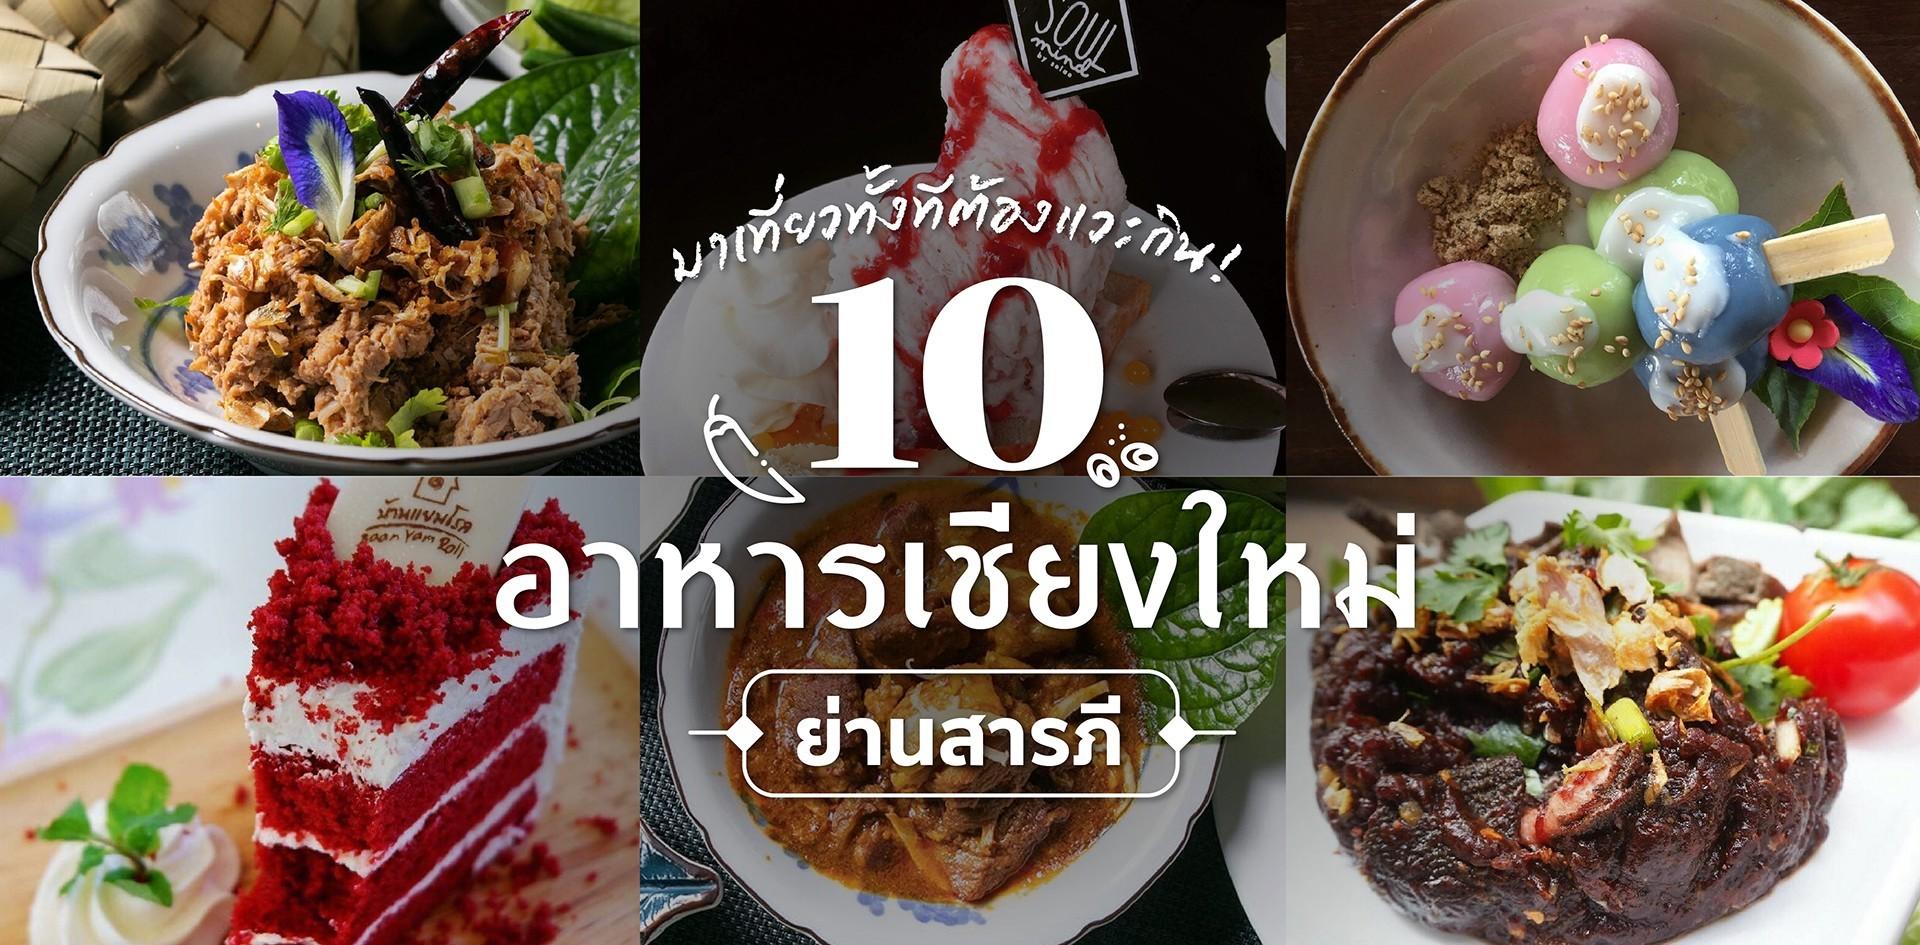 10 ร้านอาหารเชียงใหม่ ย่านสารภี มาเที่ยวทั้งทีต้องแวะกิน!